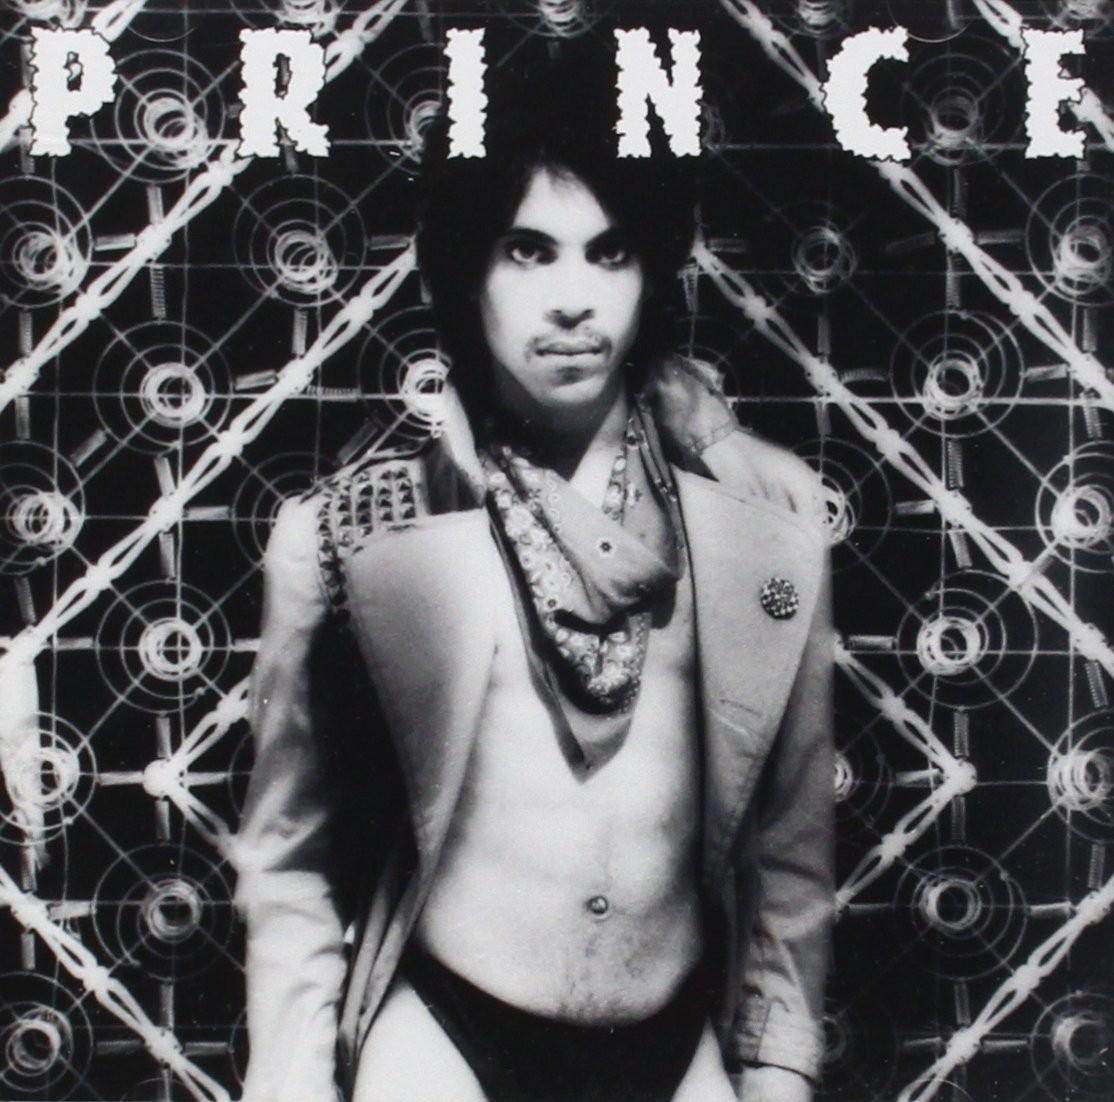 """Prince na capa de """"Dirty Mind"""" (Foto: reprodução)"""